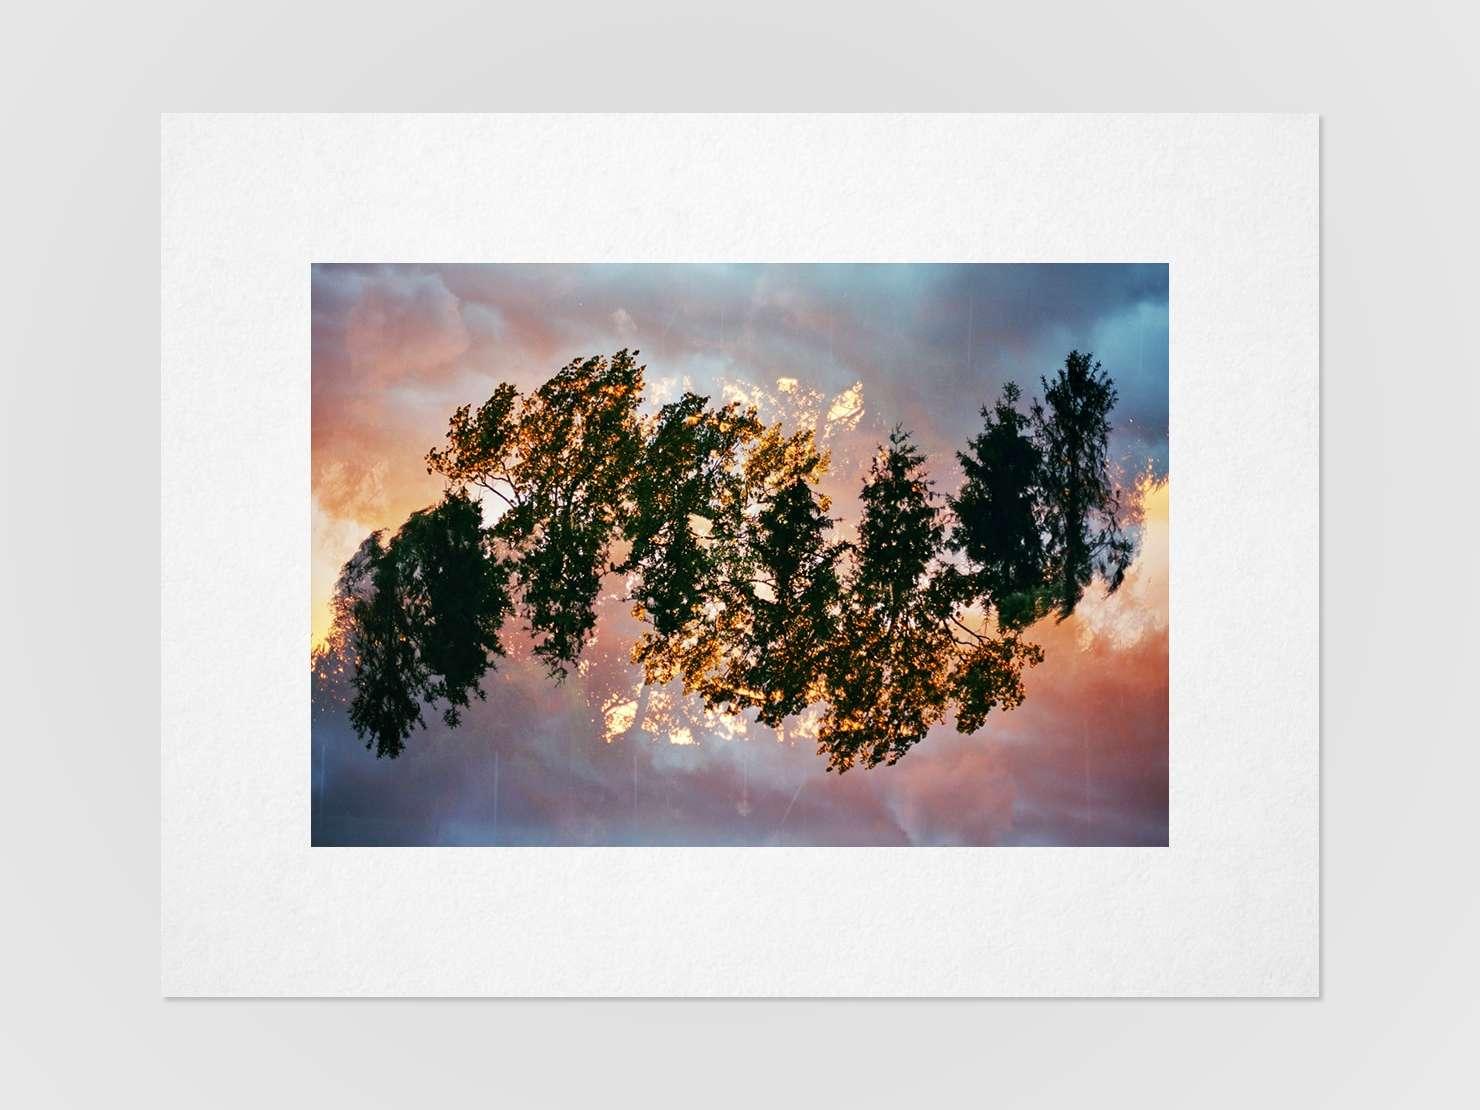 Druckansicht: Mehrfachbelichtung von Baumkronen im Sonnenuntergang